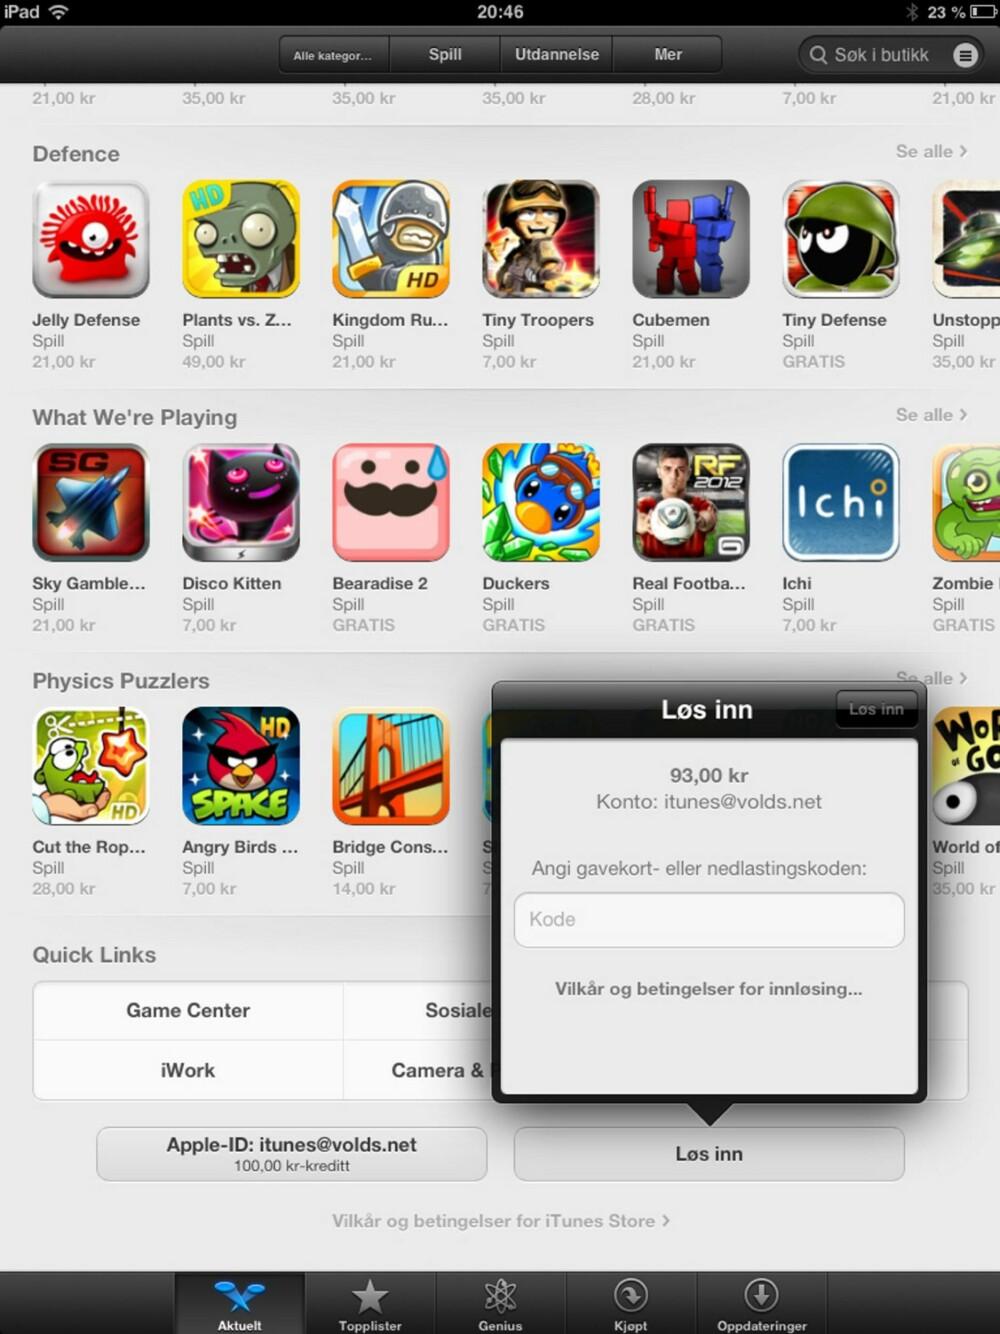 12. For å innløse et nytt gavekort, gå til AppStore direkte på enheten og bla deg helt ned under «Aktuelt». Her finner du informasjon om hvor mye som er på din konto. Ved å bruke knappen «Løs inn», kan du legge inn kode fra et nytt gavekort.